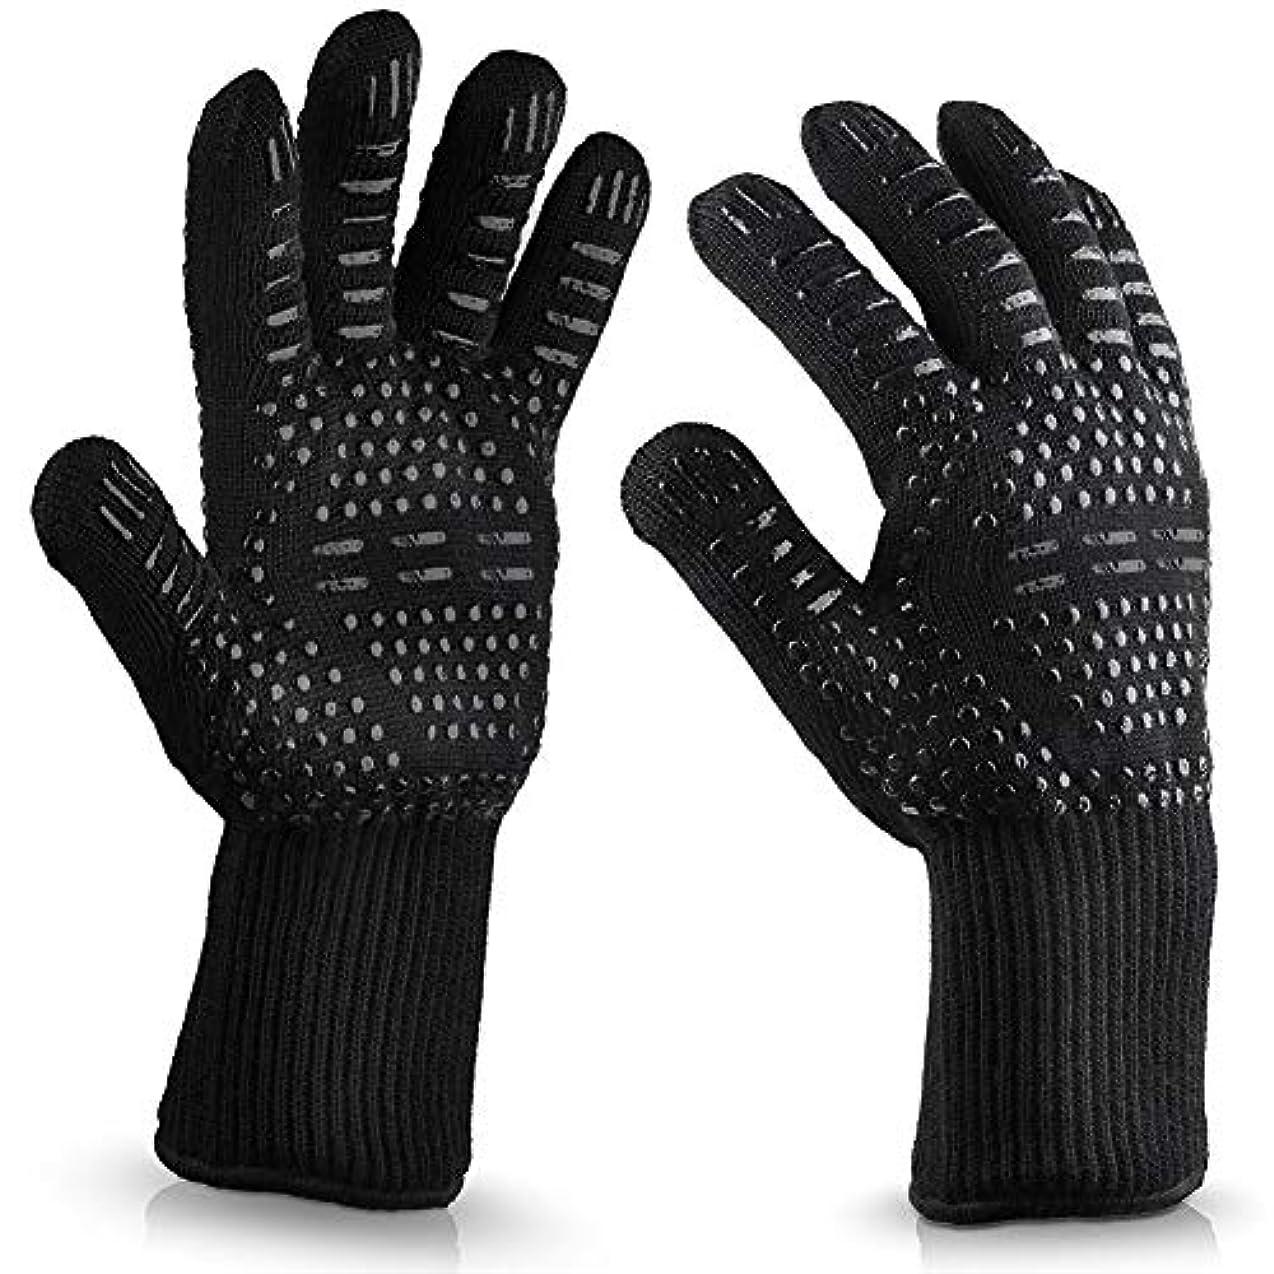 基礎理論余剰前売耐熱性キッチンBBQグローブ キッチン シリコーン 耐熱性 5本の指 手袋 熱保護 オーブン 手袋 スーツ - 1組 (黒)